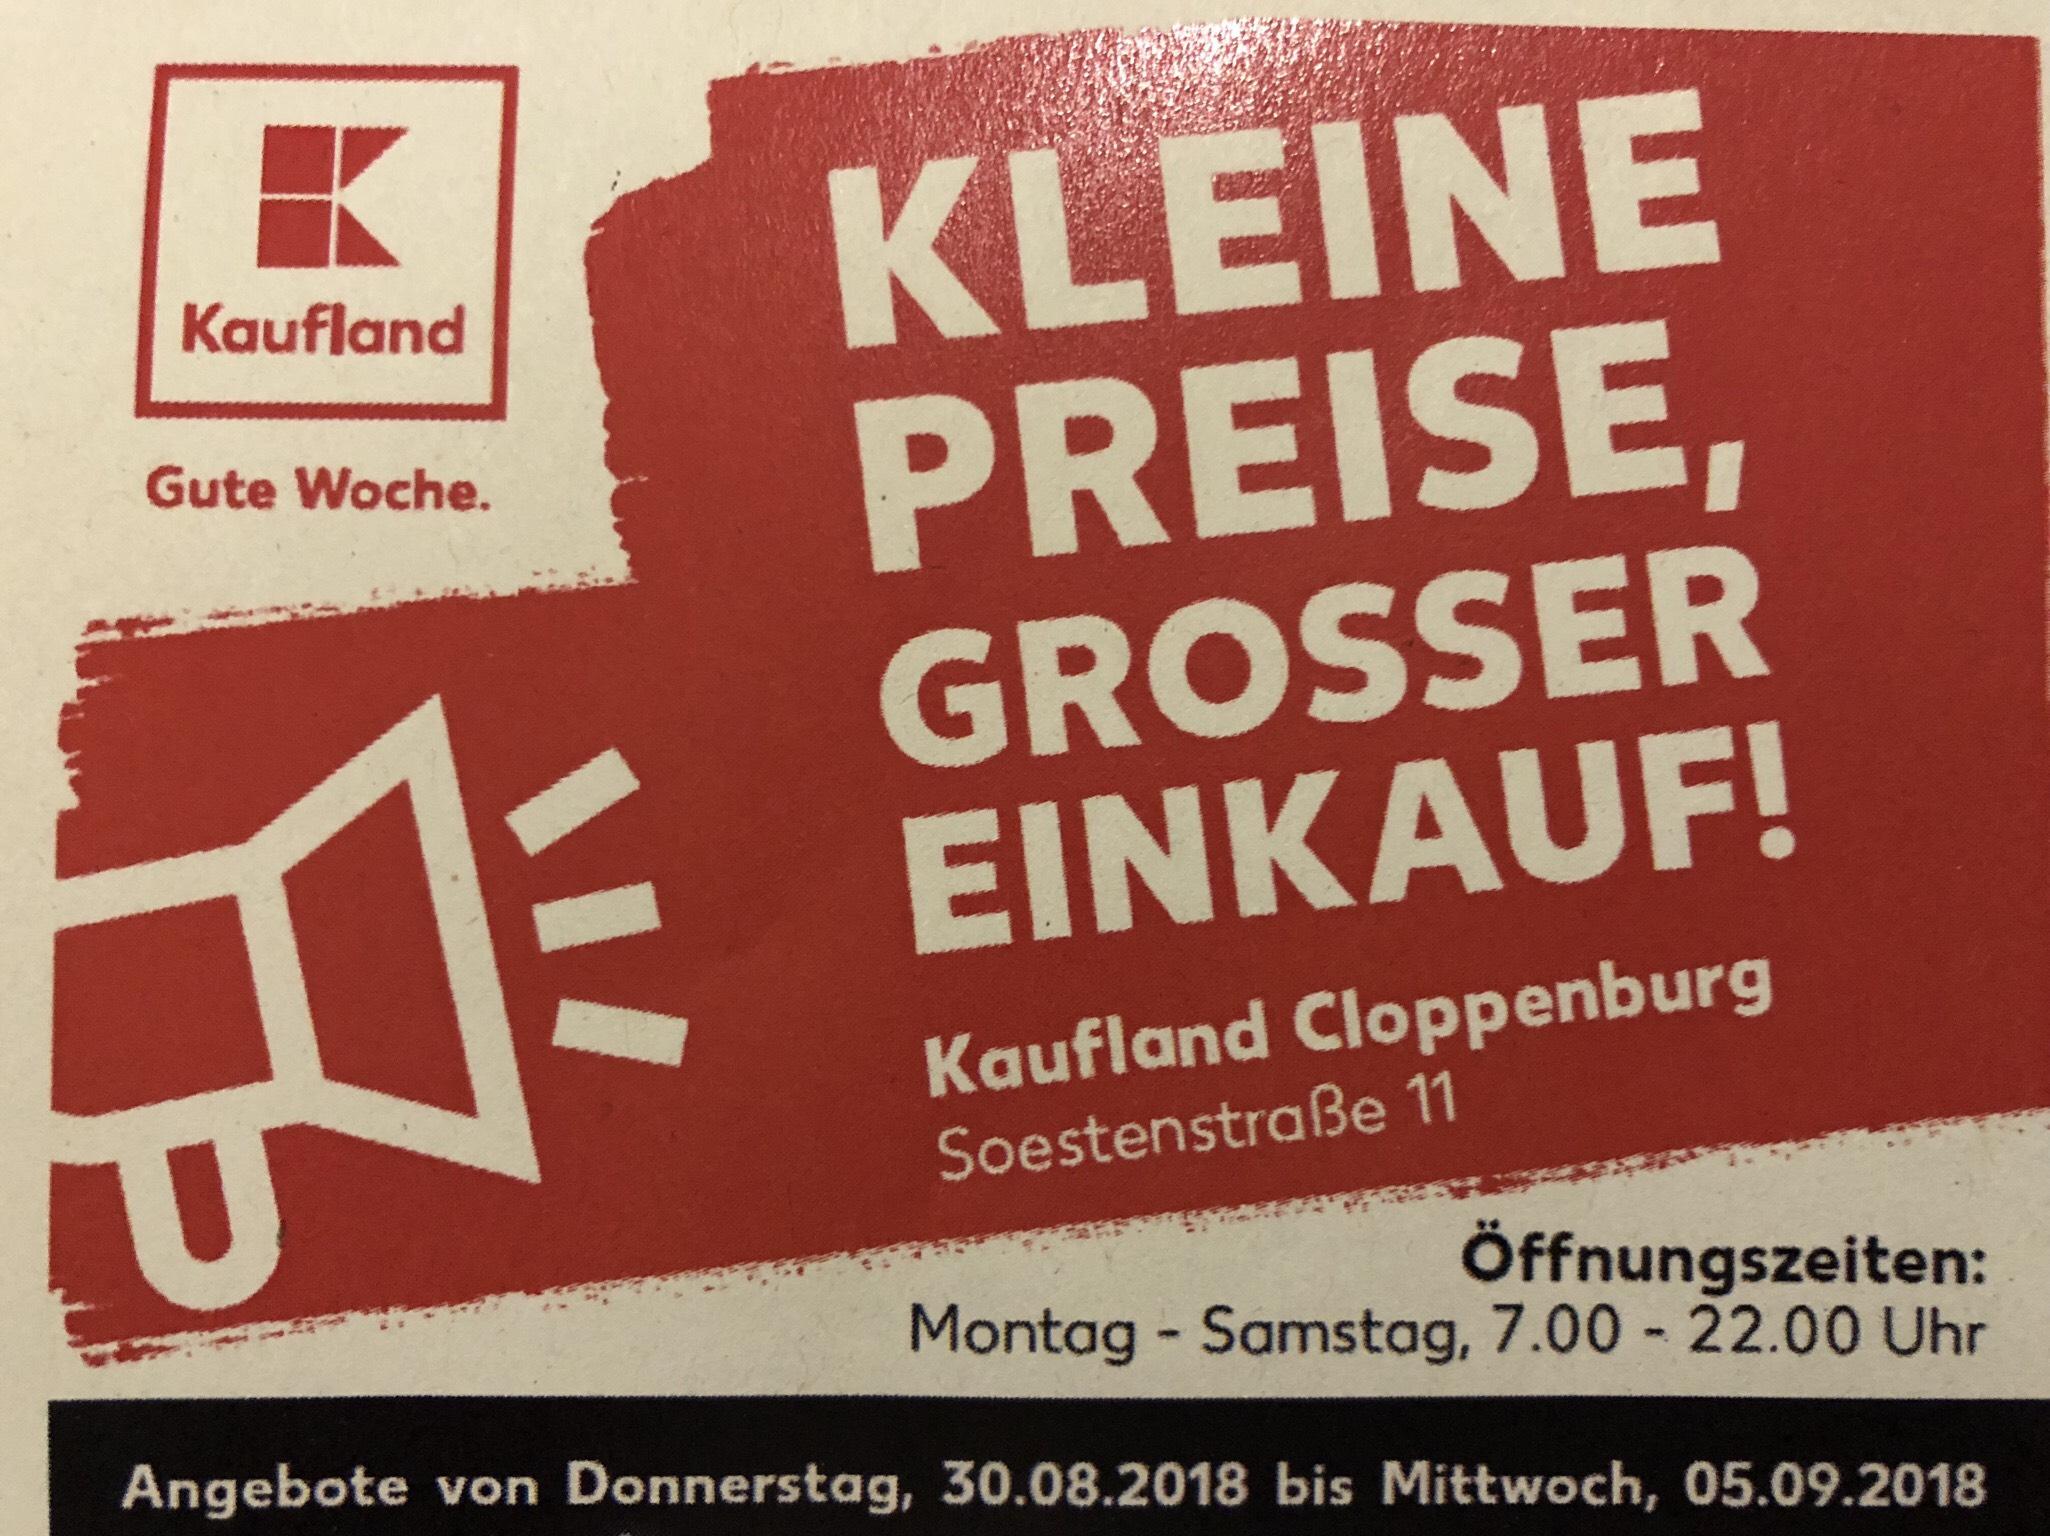 Lokal?] Kaufland Cloppenburg / Angebote 30.08.-05.09.2018 / bspw ...